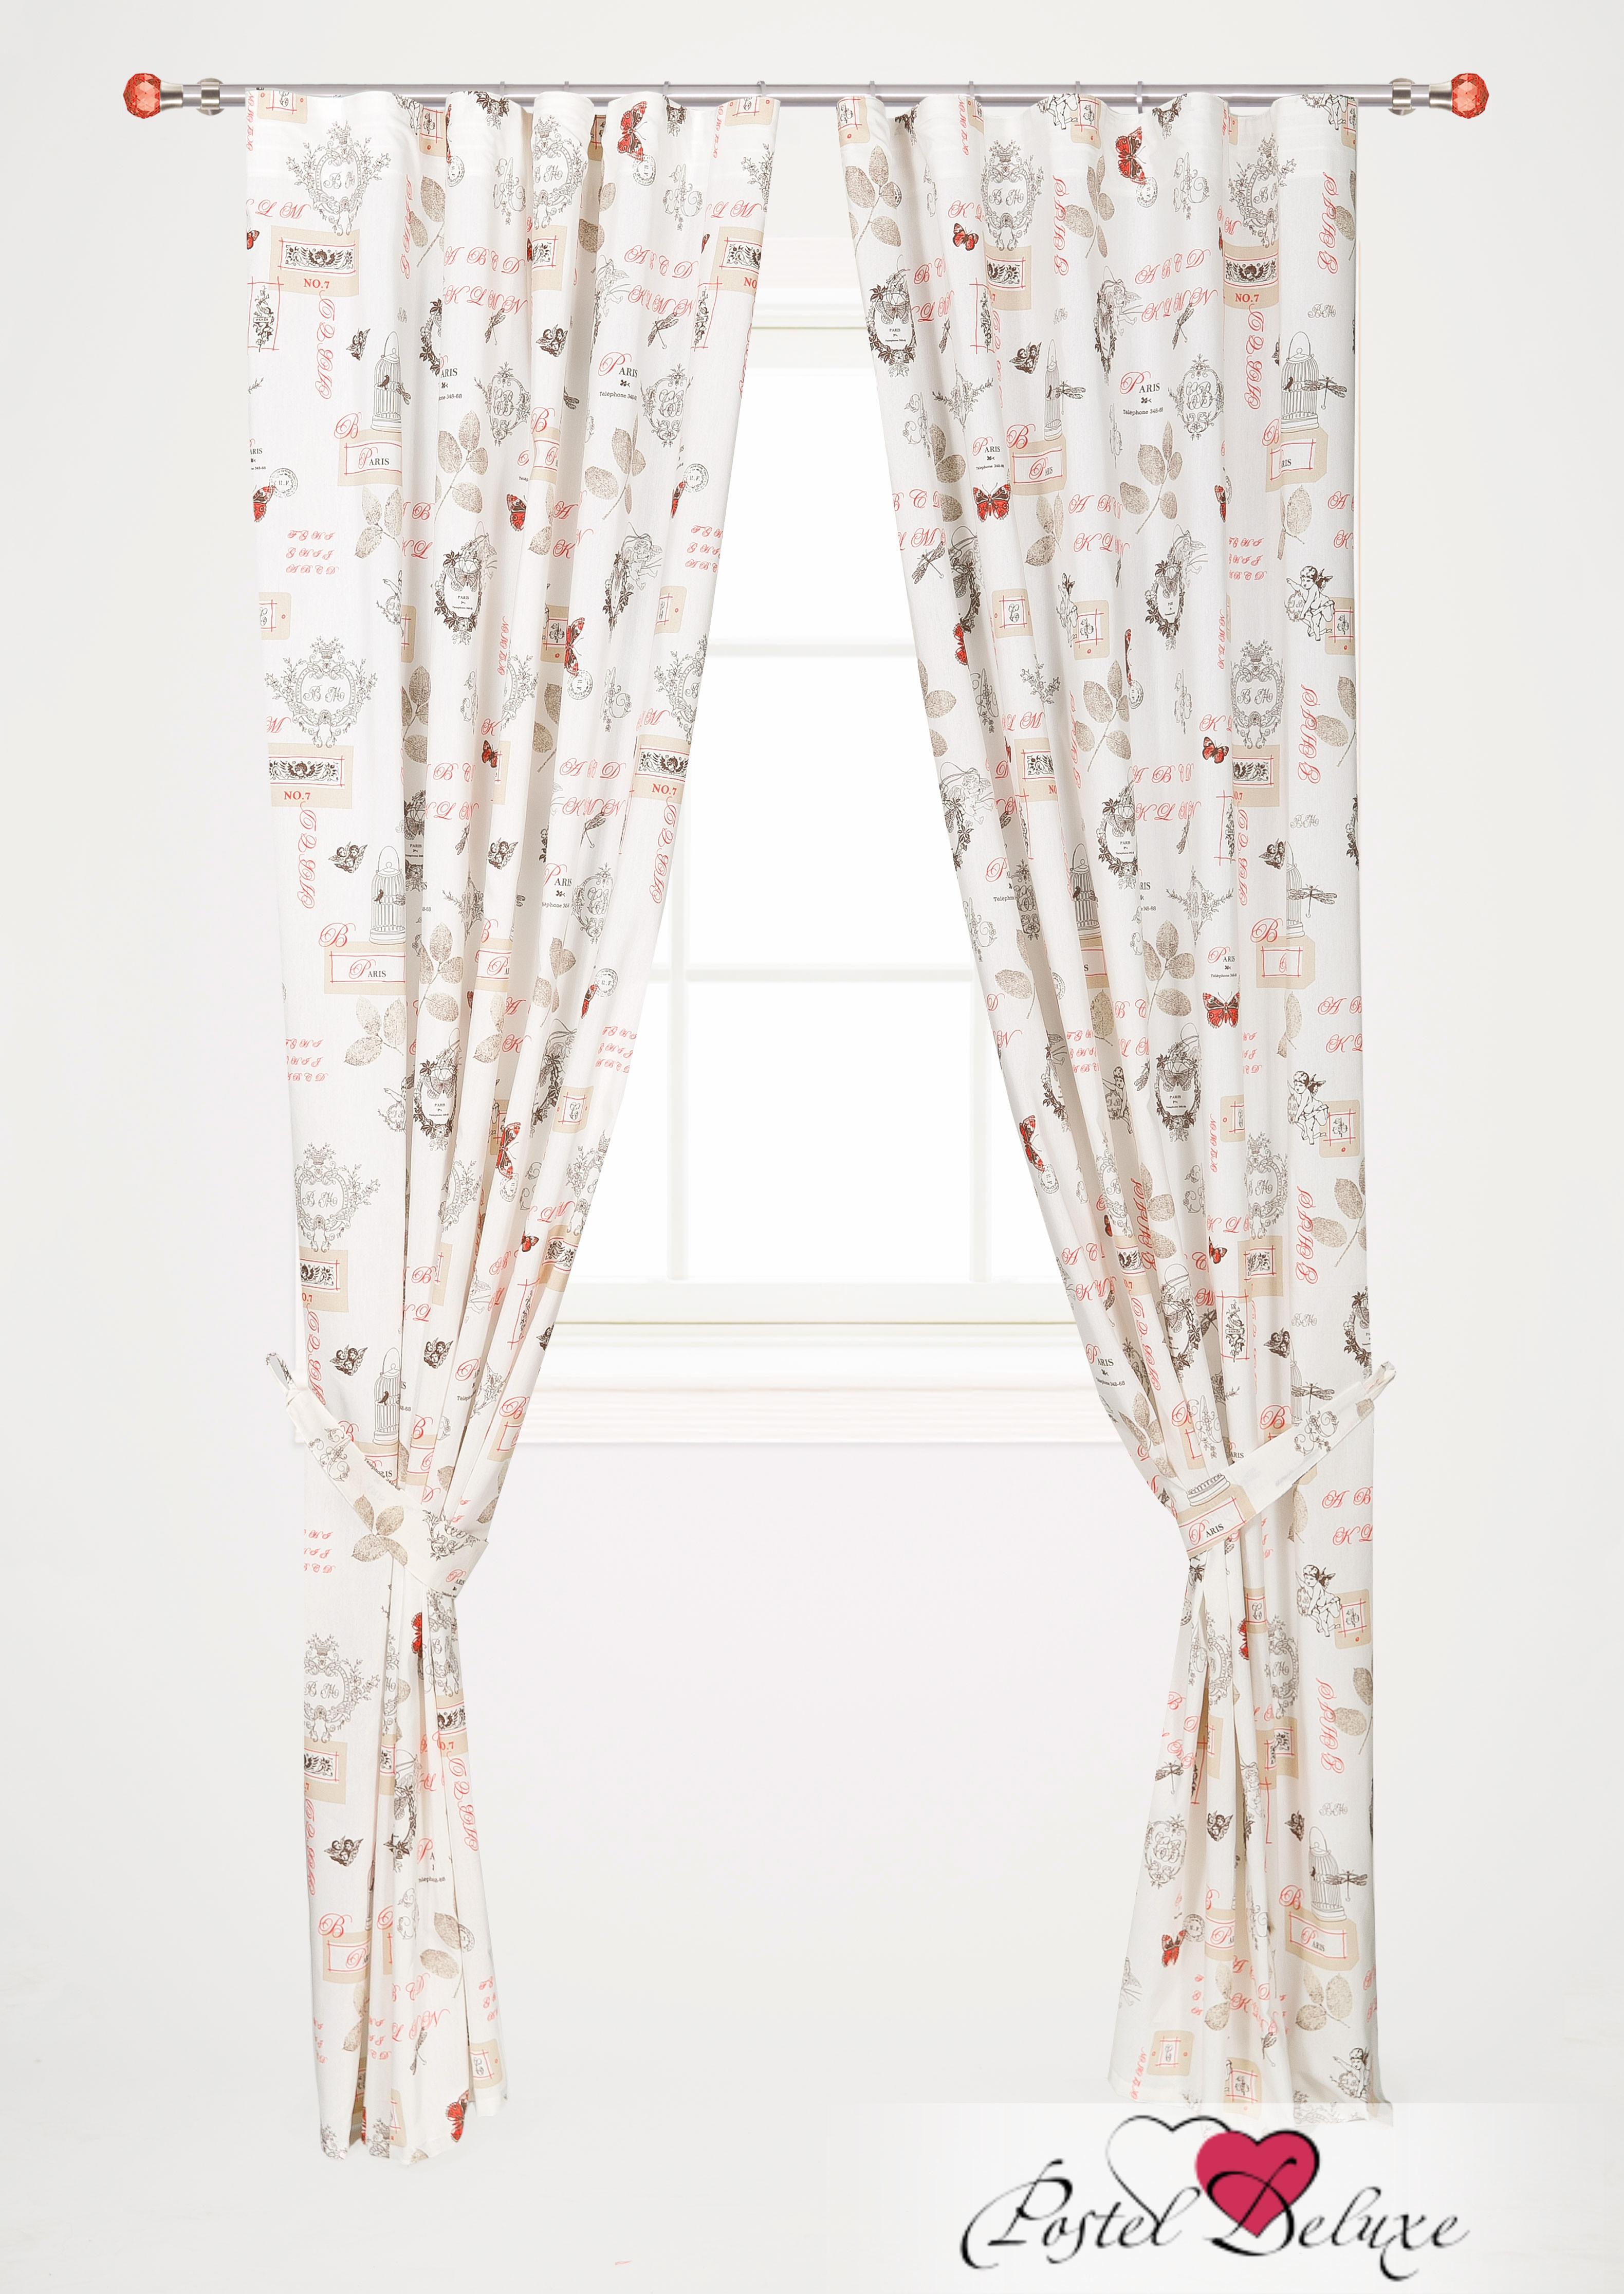 Шторы Garden Классические шторы Пастораль Цвет: Бежево-Красный шторы tac классические шторы winx цвет персиковый 200x265 см